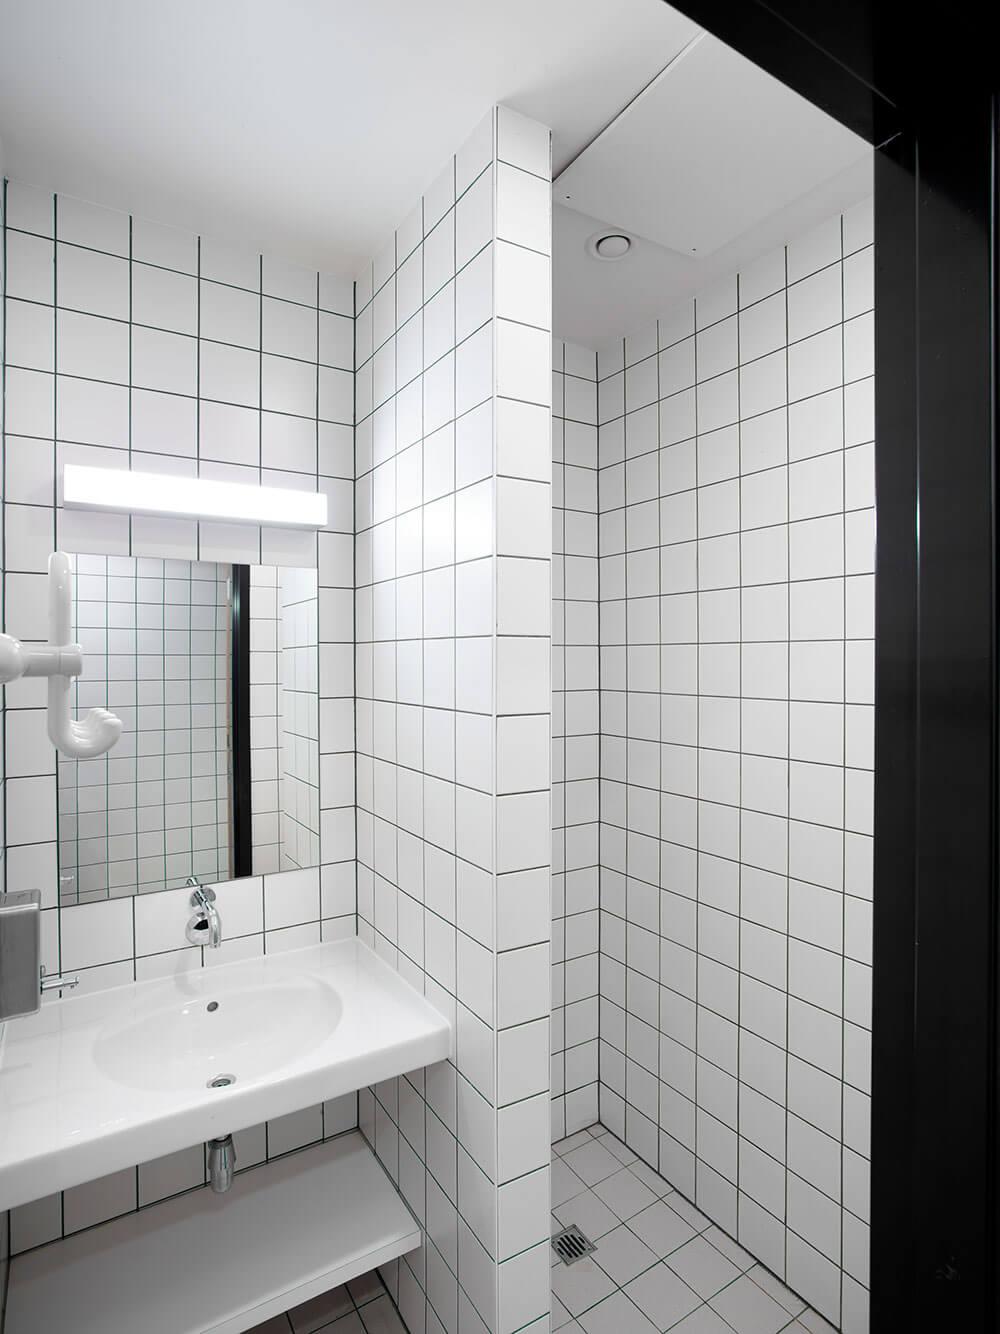 Ook de badkamer werd zo ontworpen dat vandalisme wordt tegengegaan en hygiëne primeert.